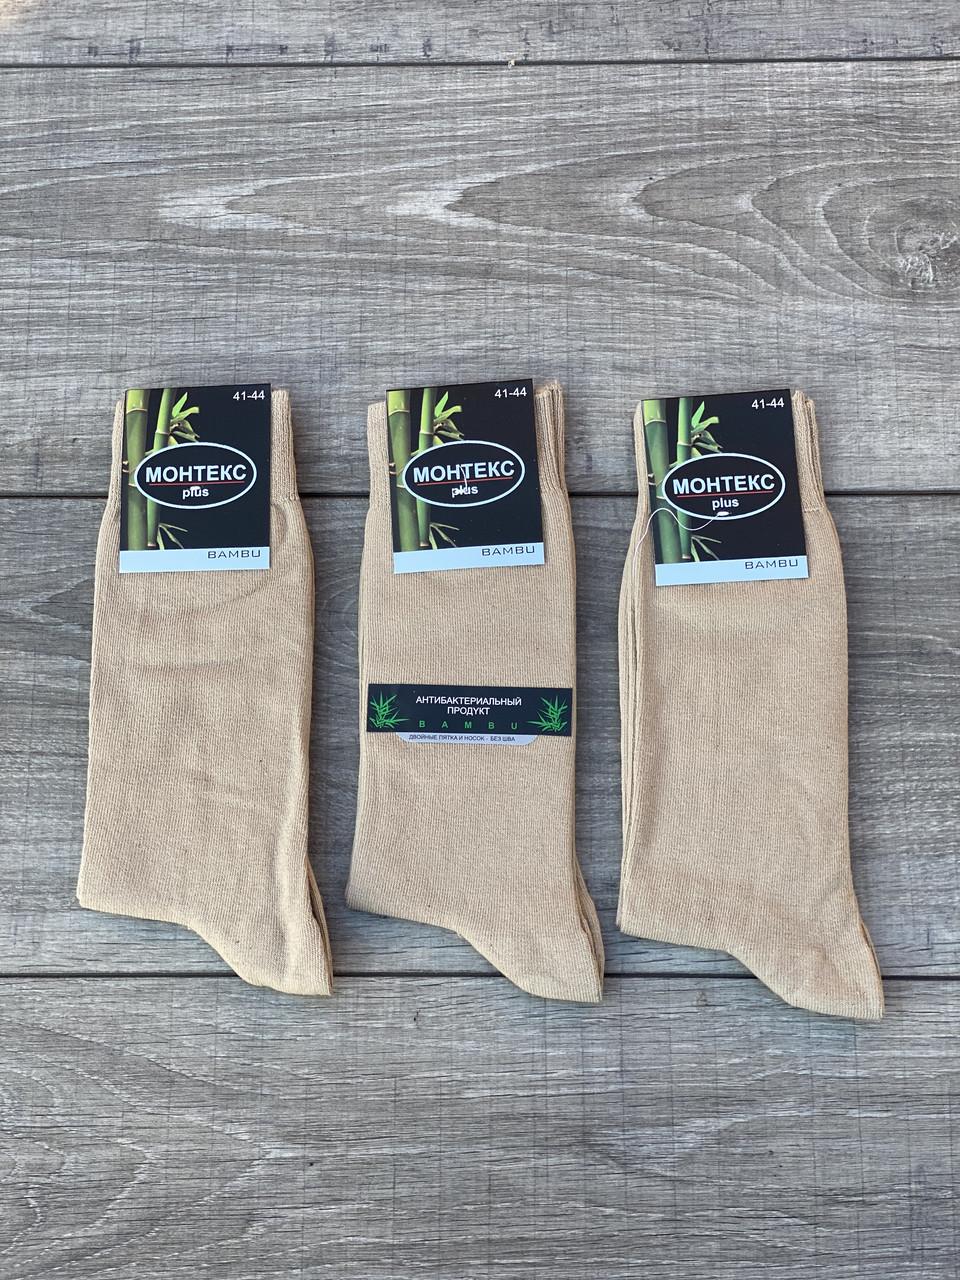 Чоловічі носки шкарпетки стрейчеві Монтекс високі бамбук антибактеріальний продукт 39-41 41-44 12 шт в уп